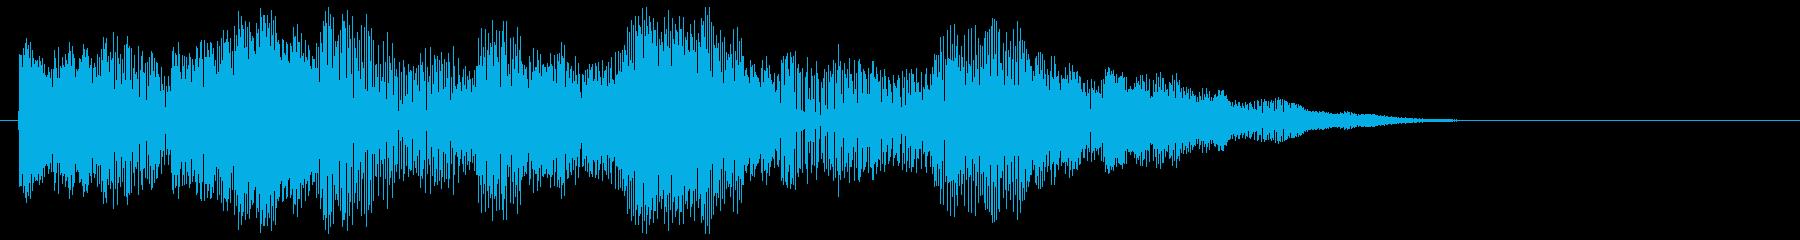 【クイズ】テンションがあがる正解音ですの再生済みの波形